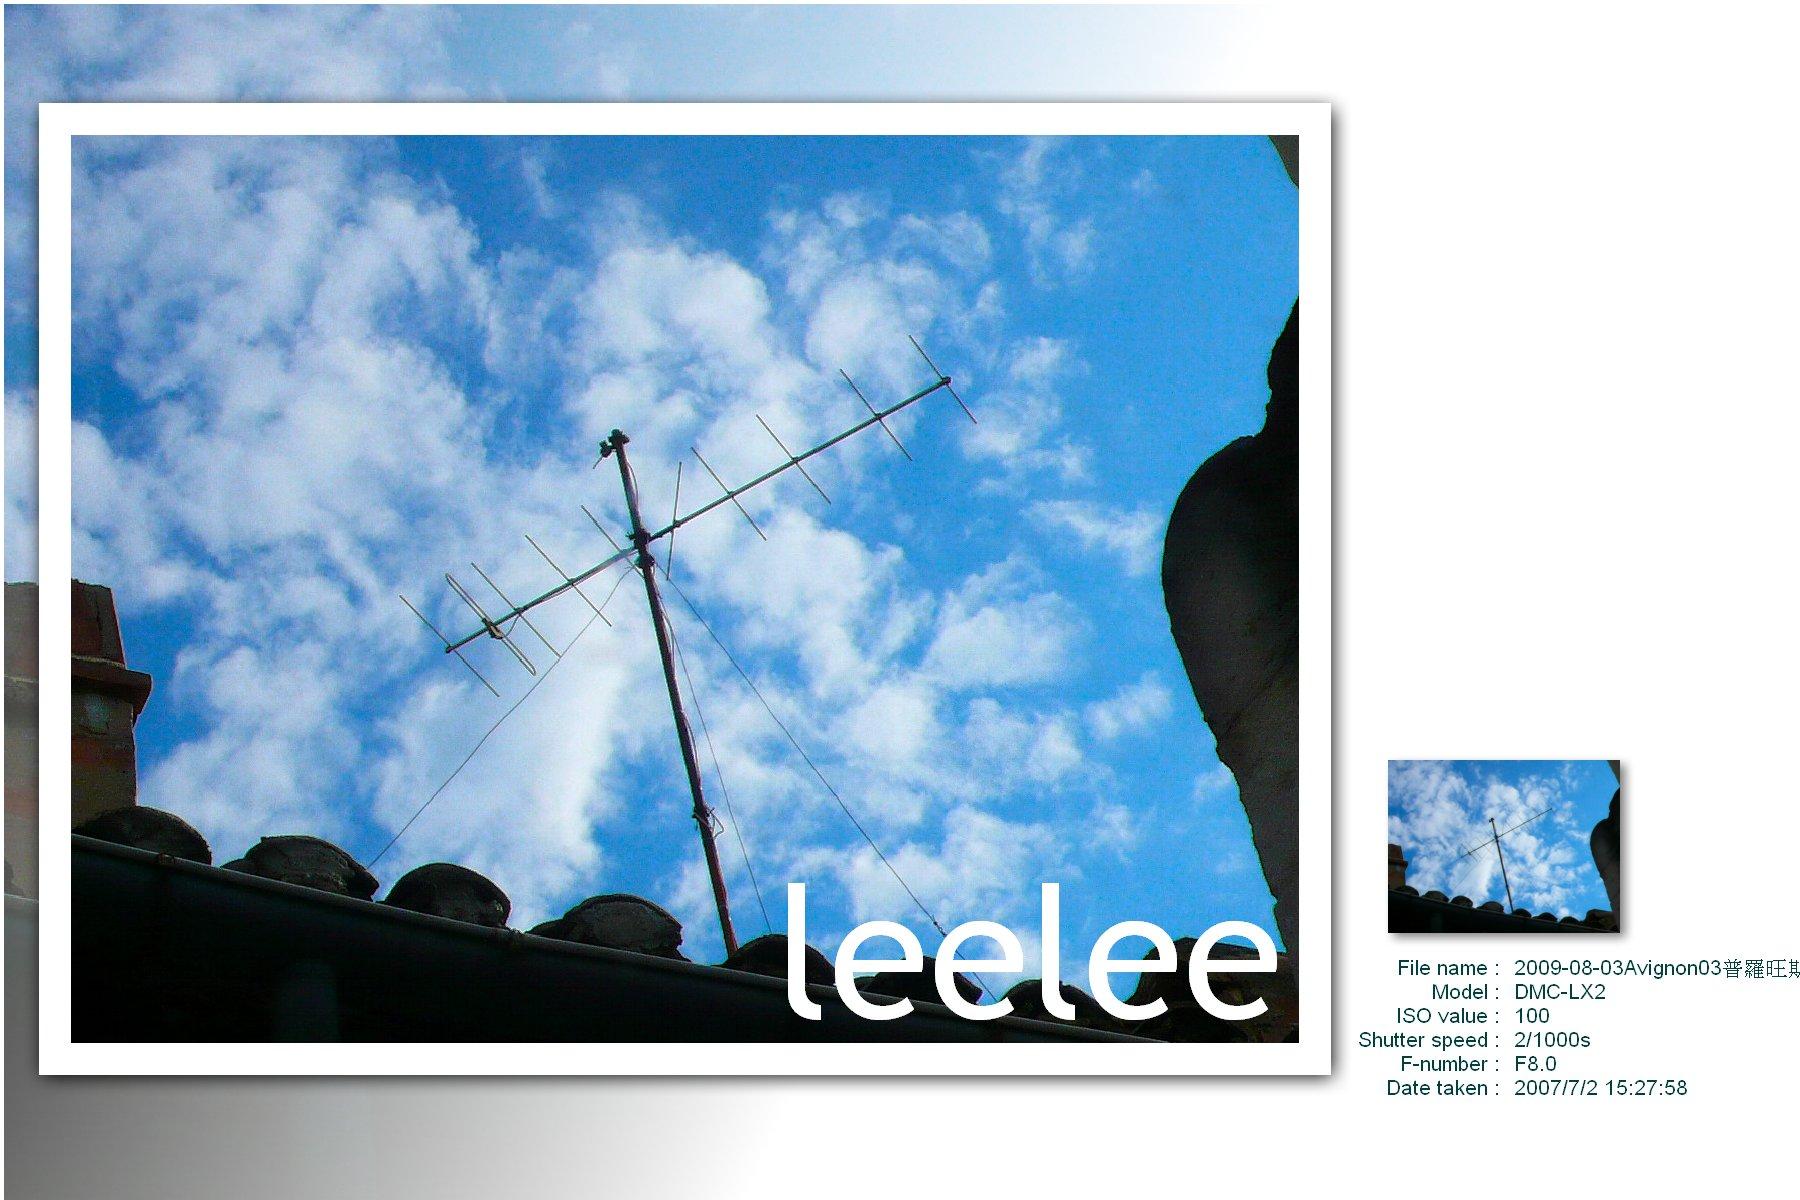 2009-08-03Avignon03普羅旺斯的天空真是藍得不一樣,美呆了….jpg